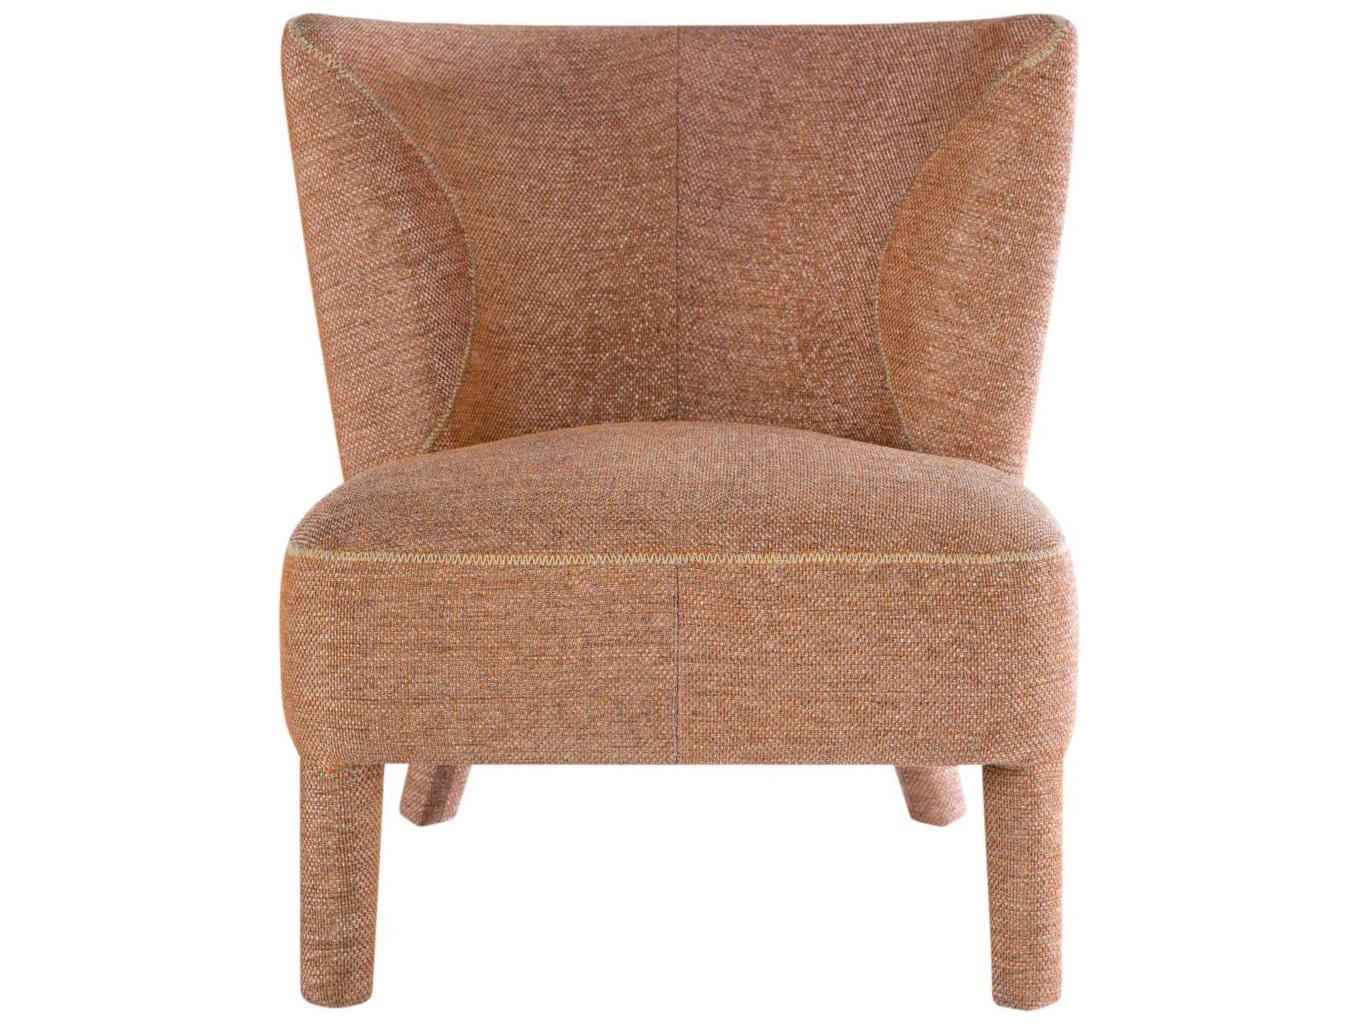 Кресло FEBOИнтерьерные кресла<br><br><br>Material: Текстиль<br>Width см: 71<br>Depth см: 72<br>Height см: 81